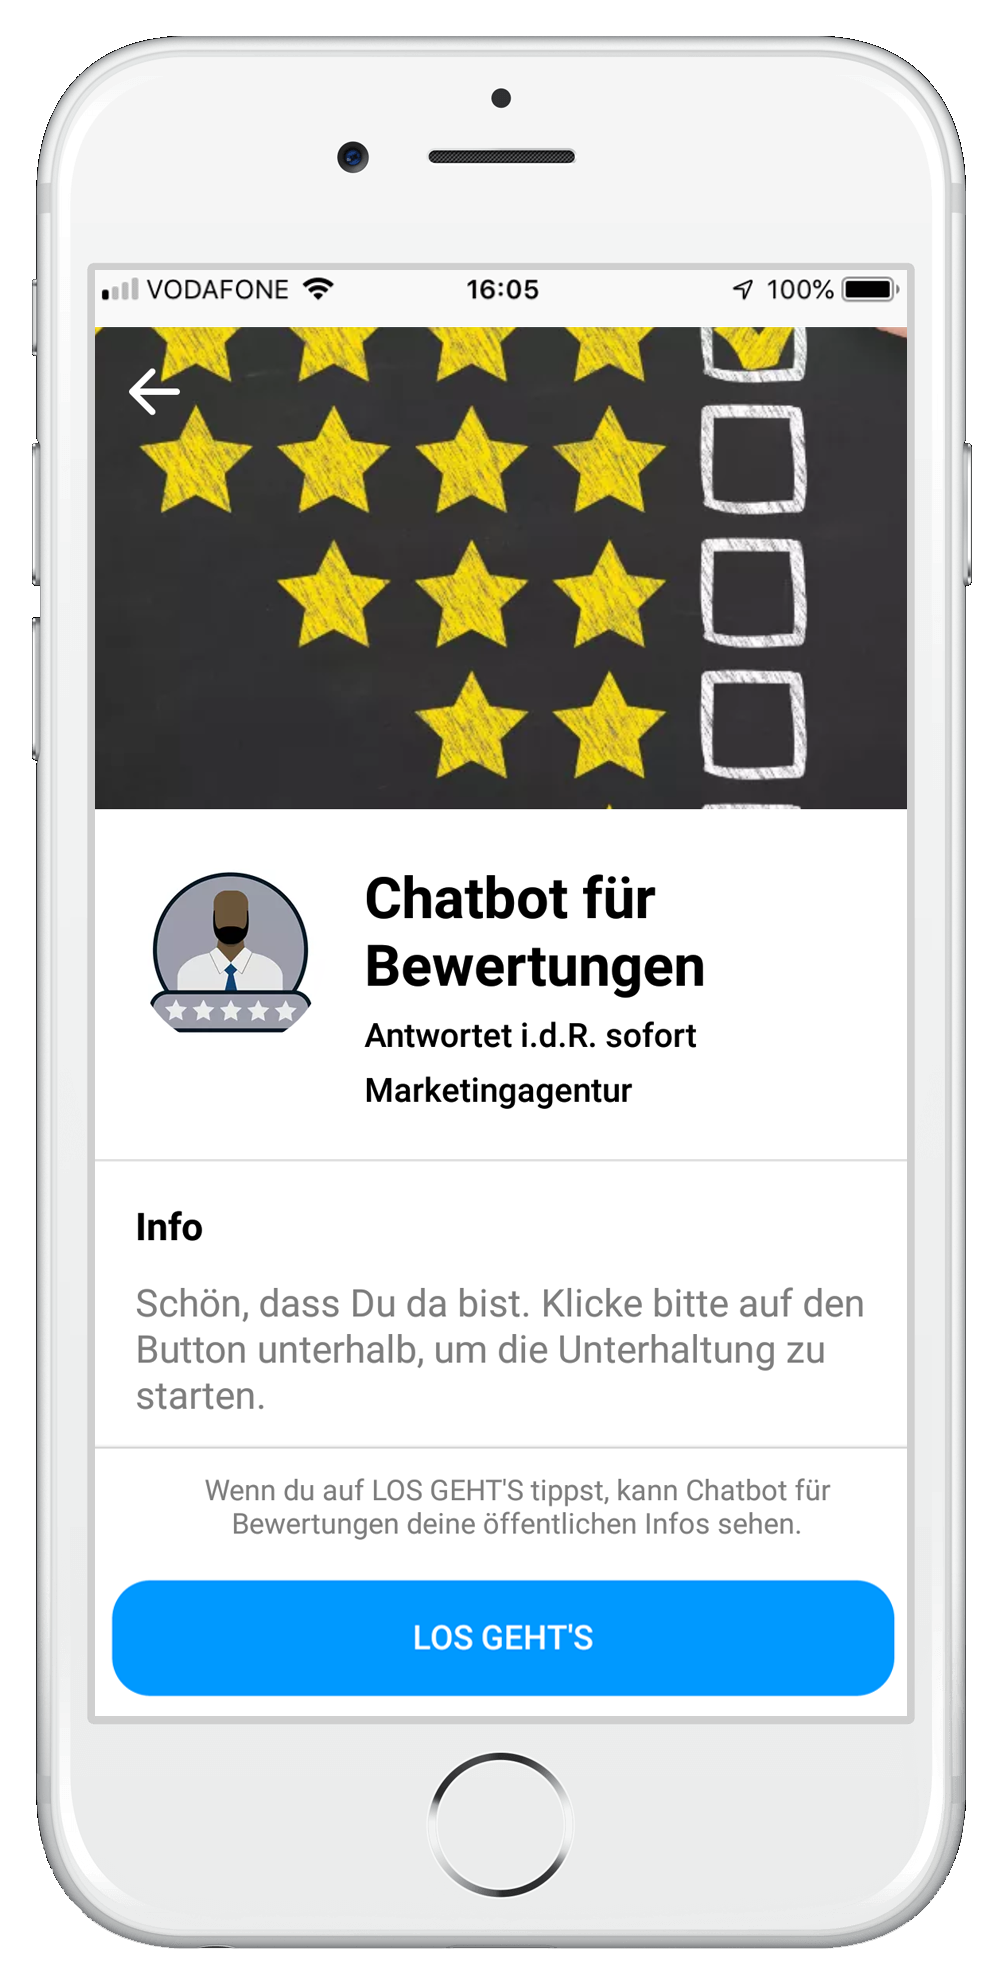 Chatbot für Bewertungen